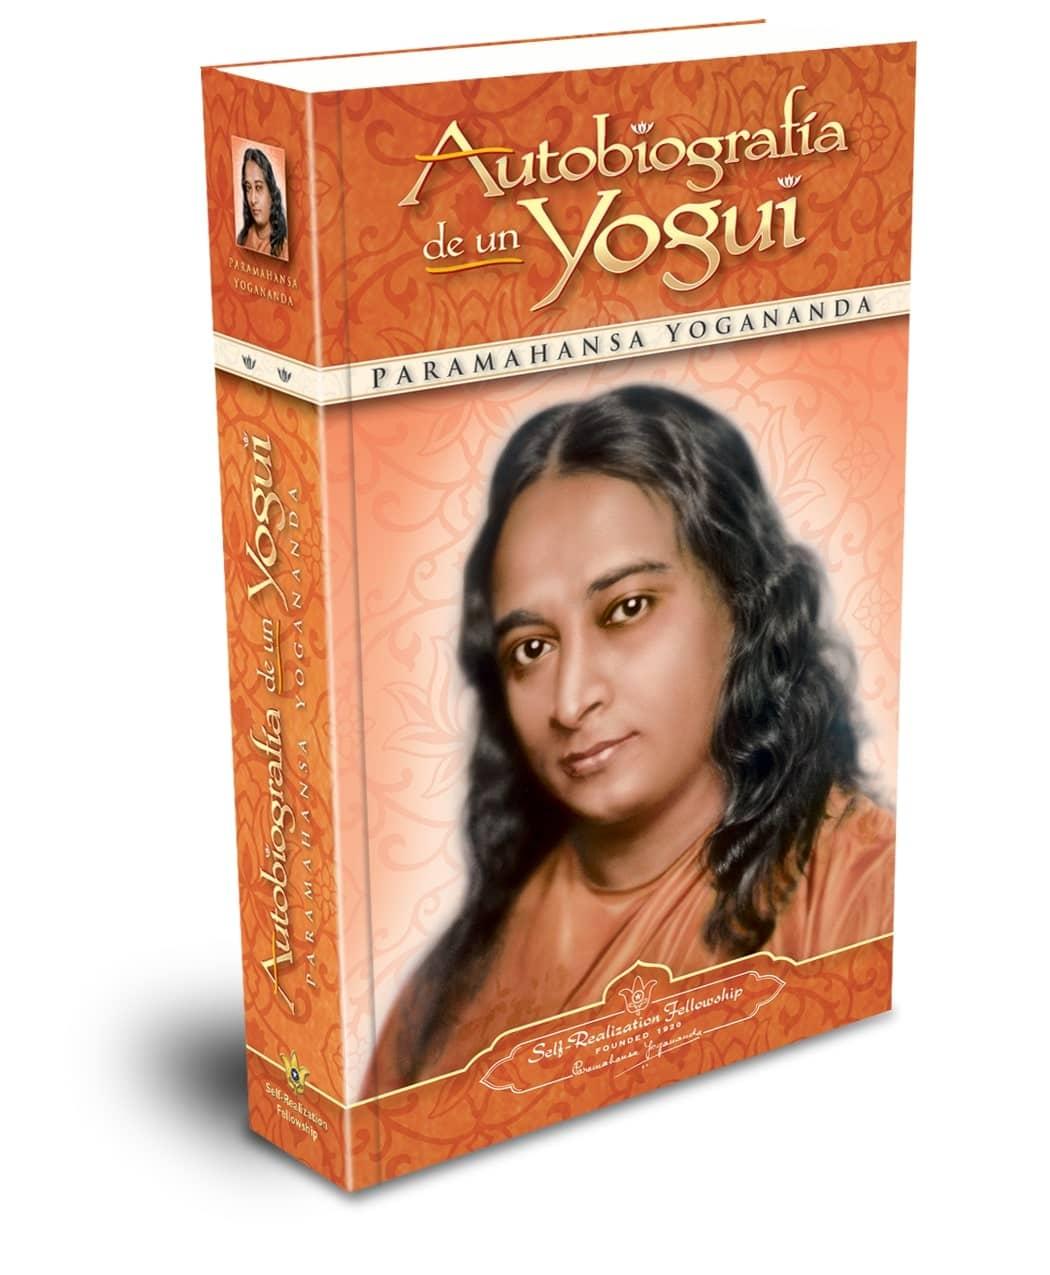 autobiografia yogui